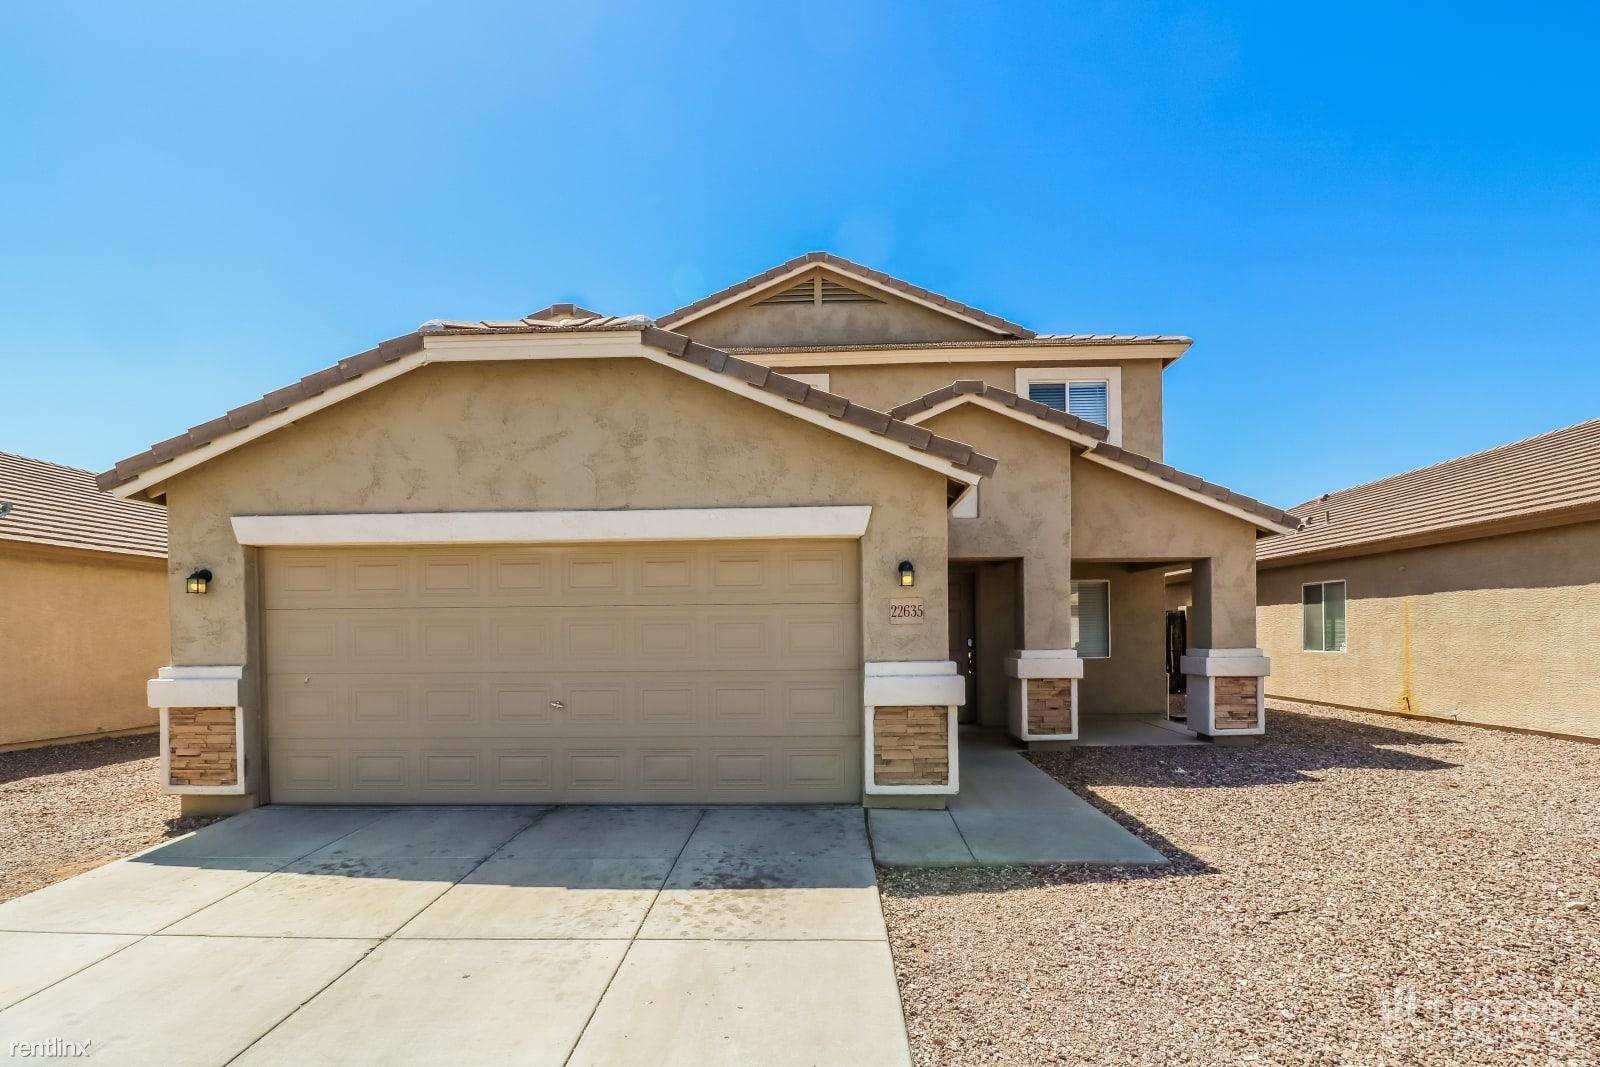 22635 W Papago Street, Buckeye, AZ - 1,849 USD/ month